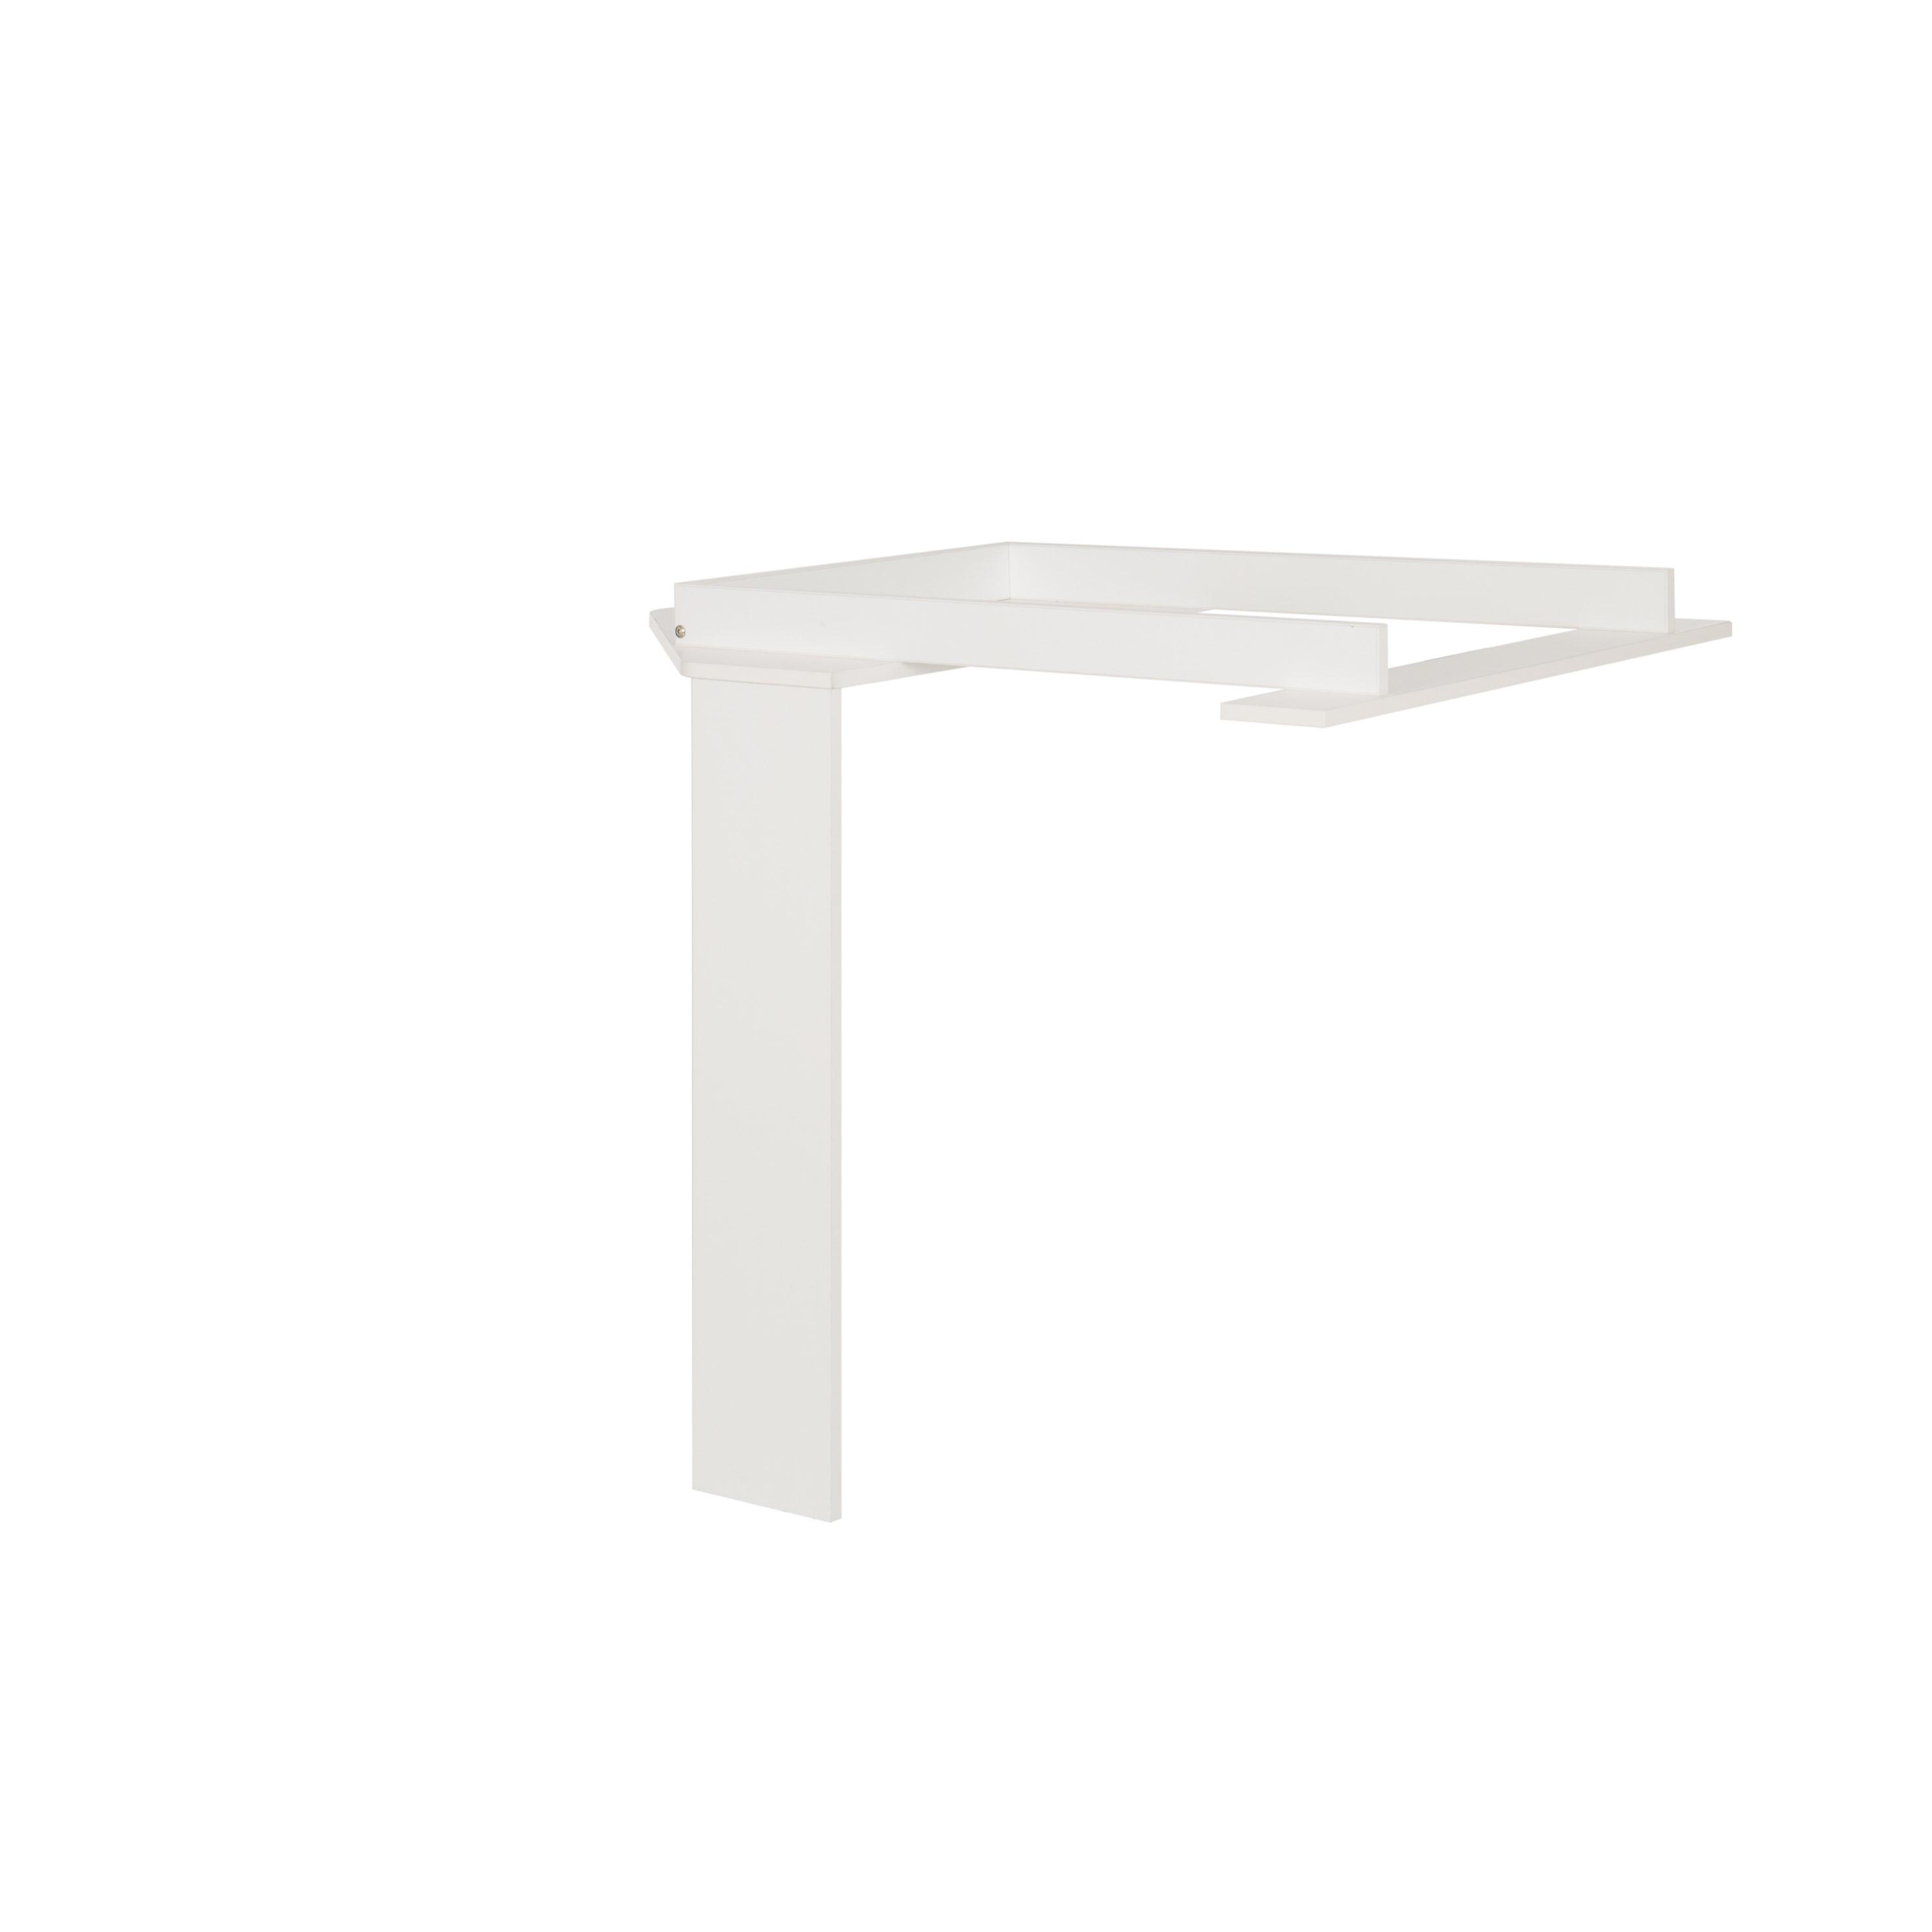 Commode A Langer Angle cardiff/romantique plan à langer angle blanc de galipette